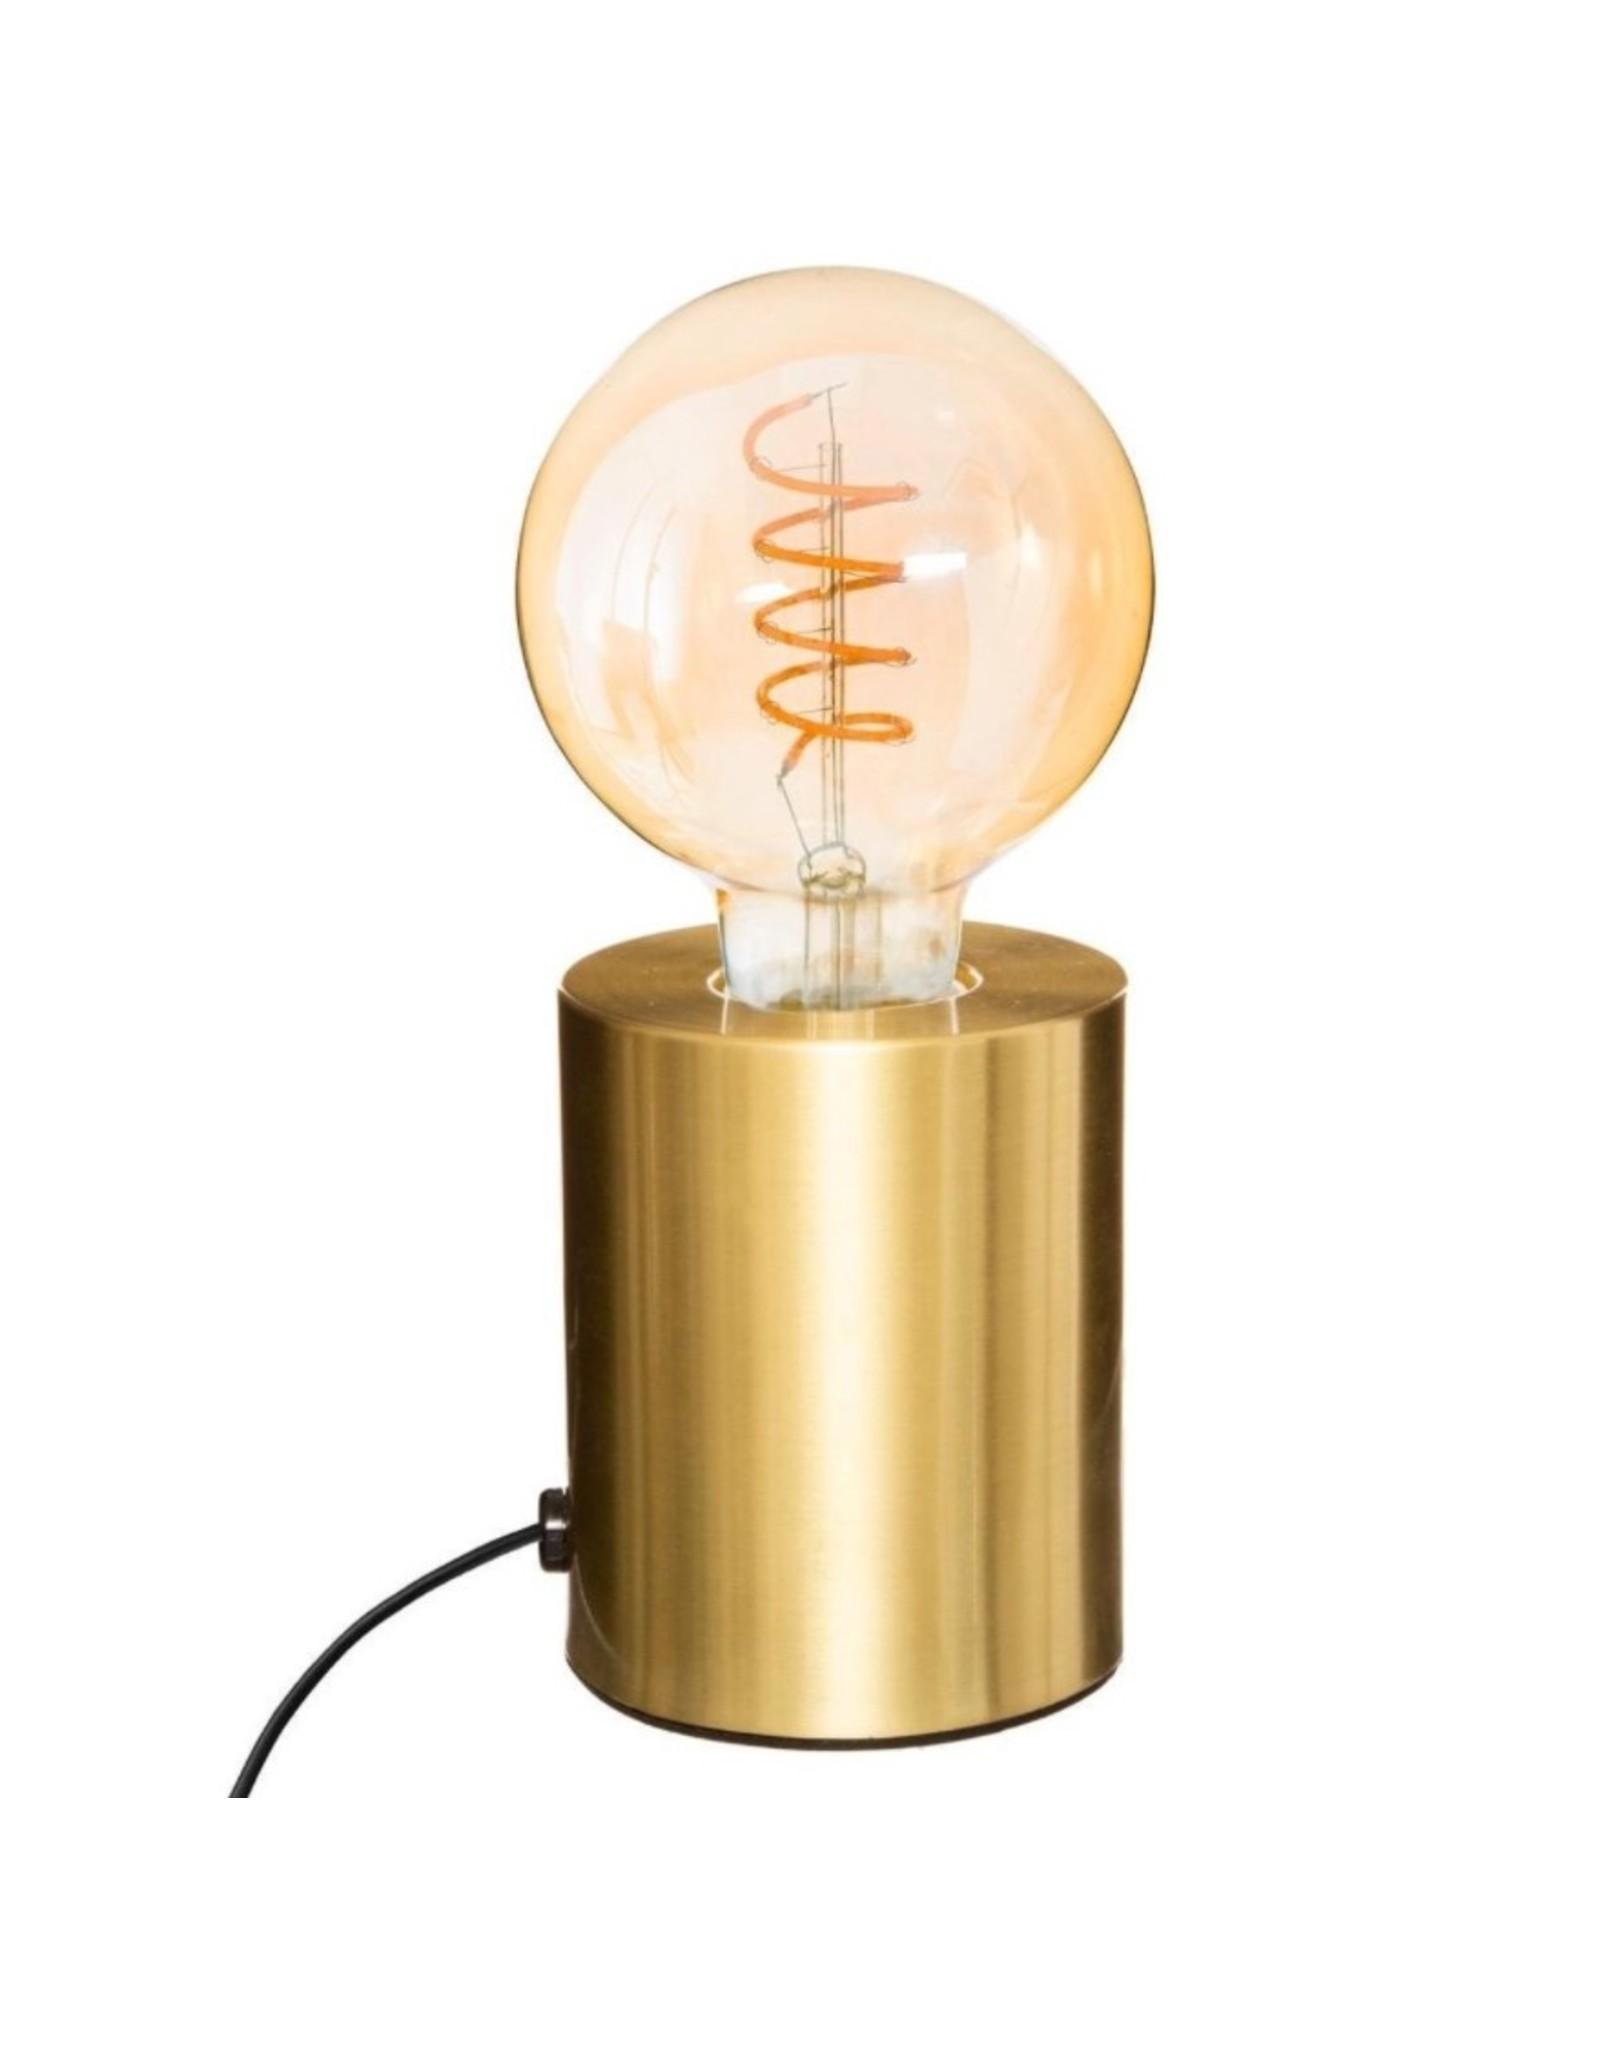 Atmosphera Design Tafellamp Goud 10.5cm